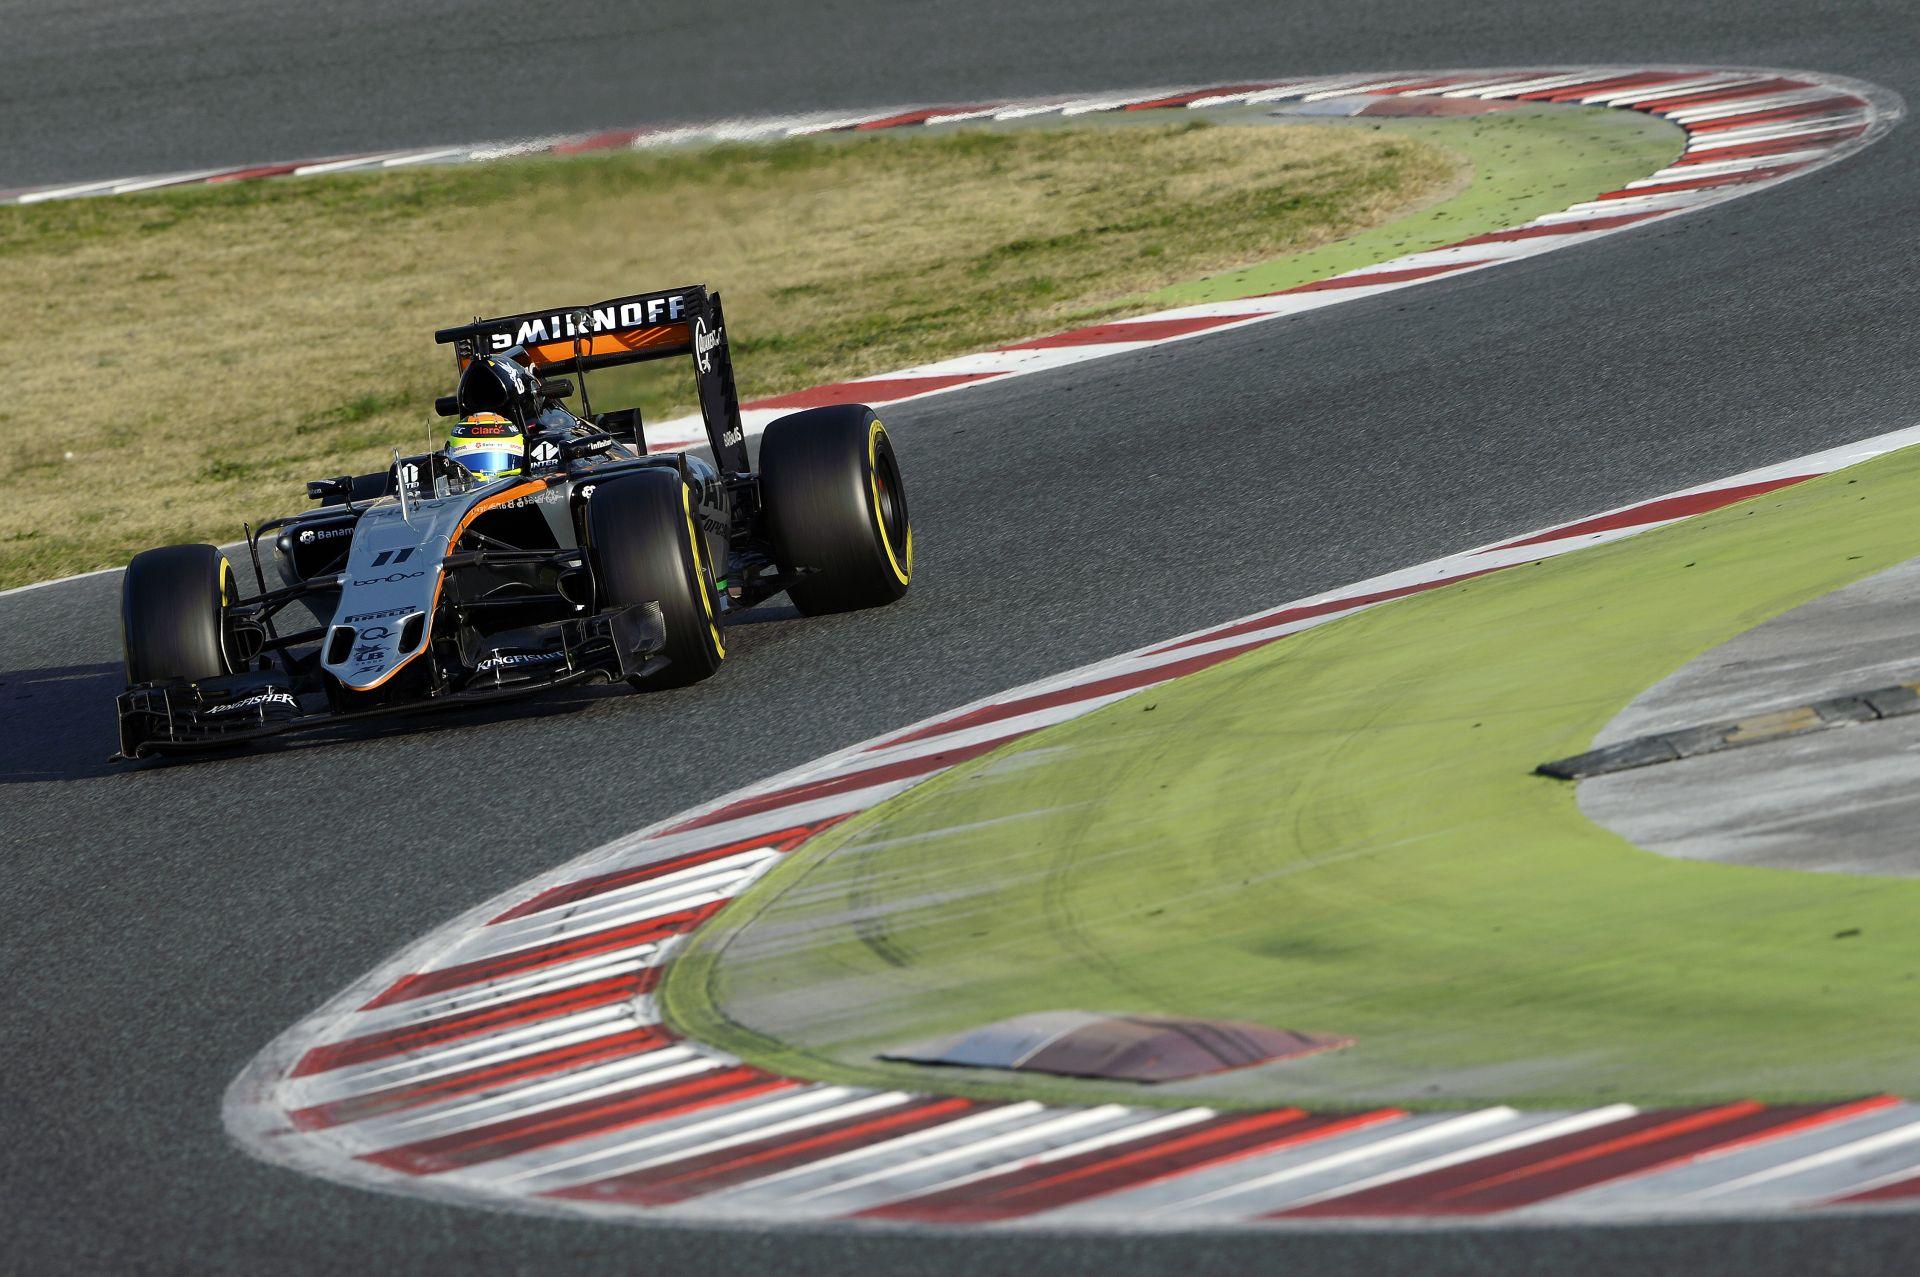 Az utolsó tesztnapon tönkrement a Force India